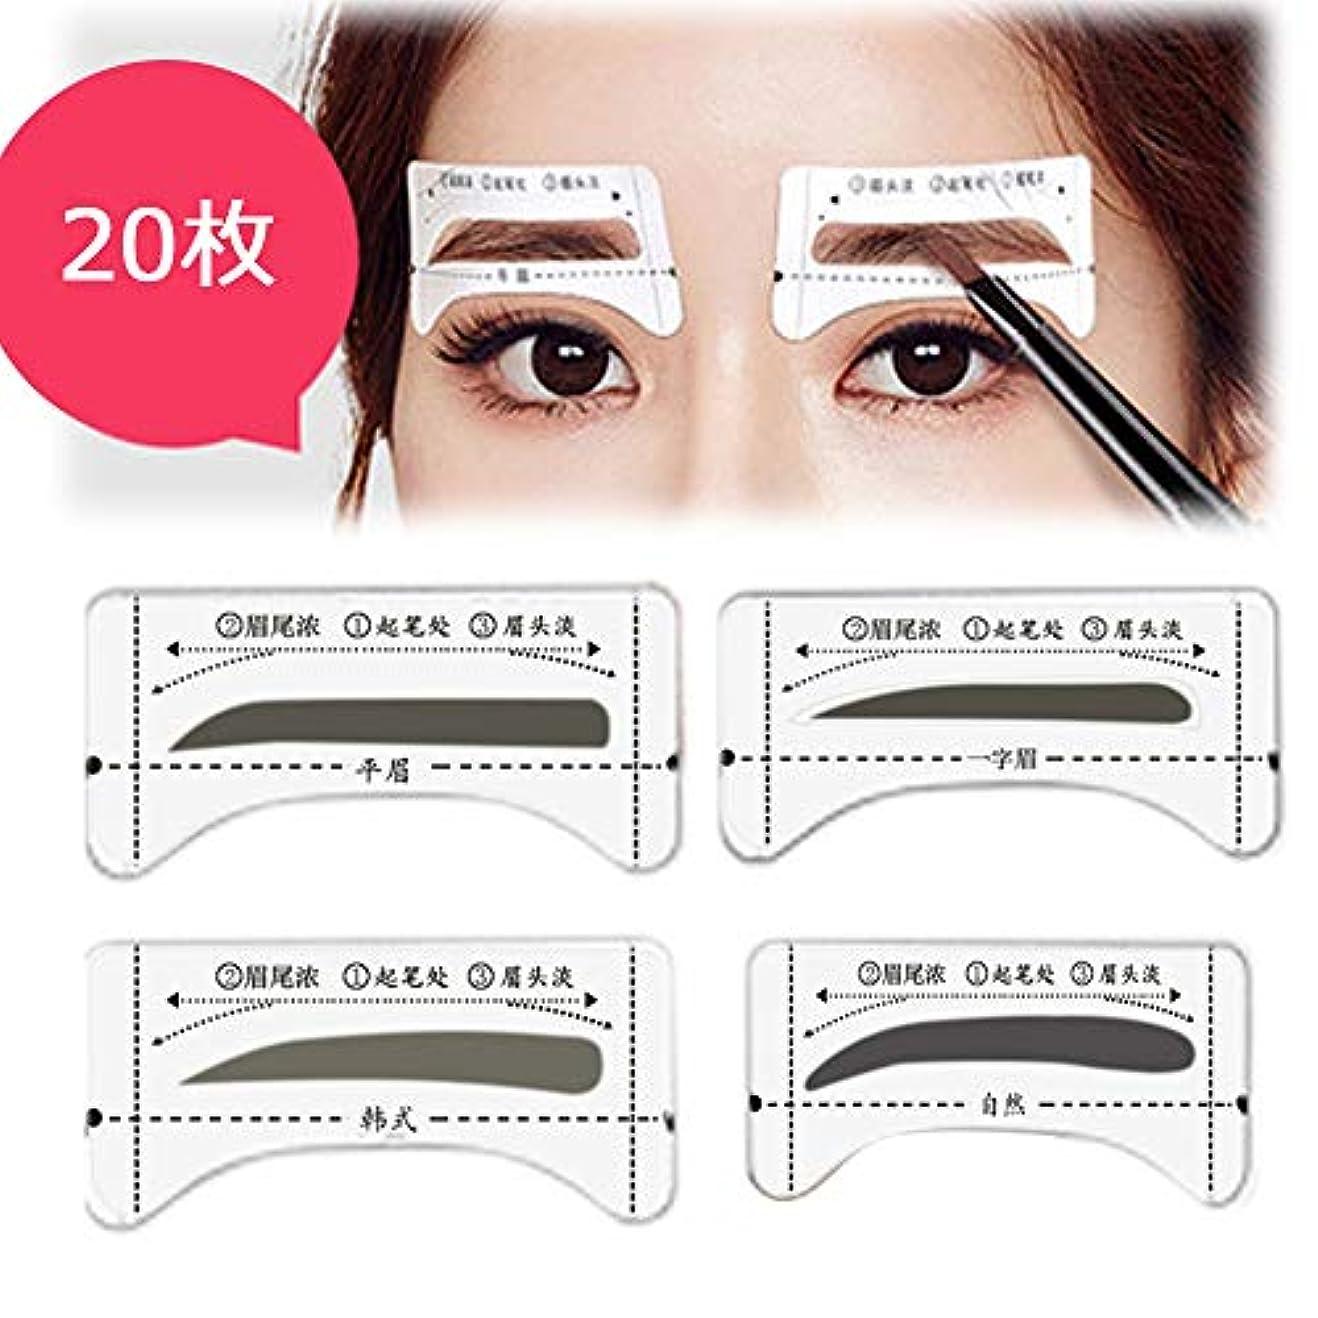 半径痴漢スマイル眉テンプレート 眉毛 4種20枚(韓国風、一言眉、自然、平らな眉毛)片手使用する